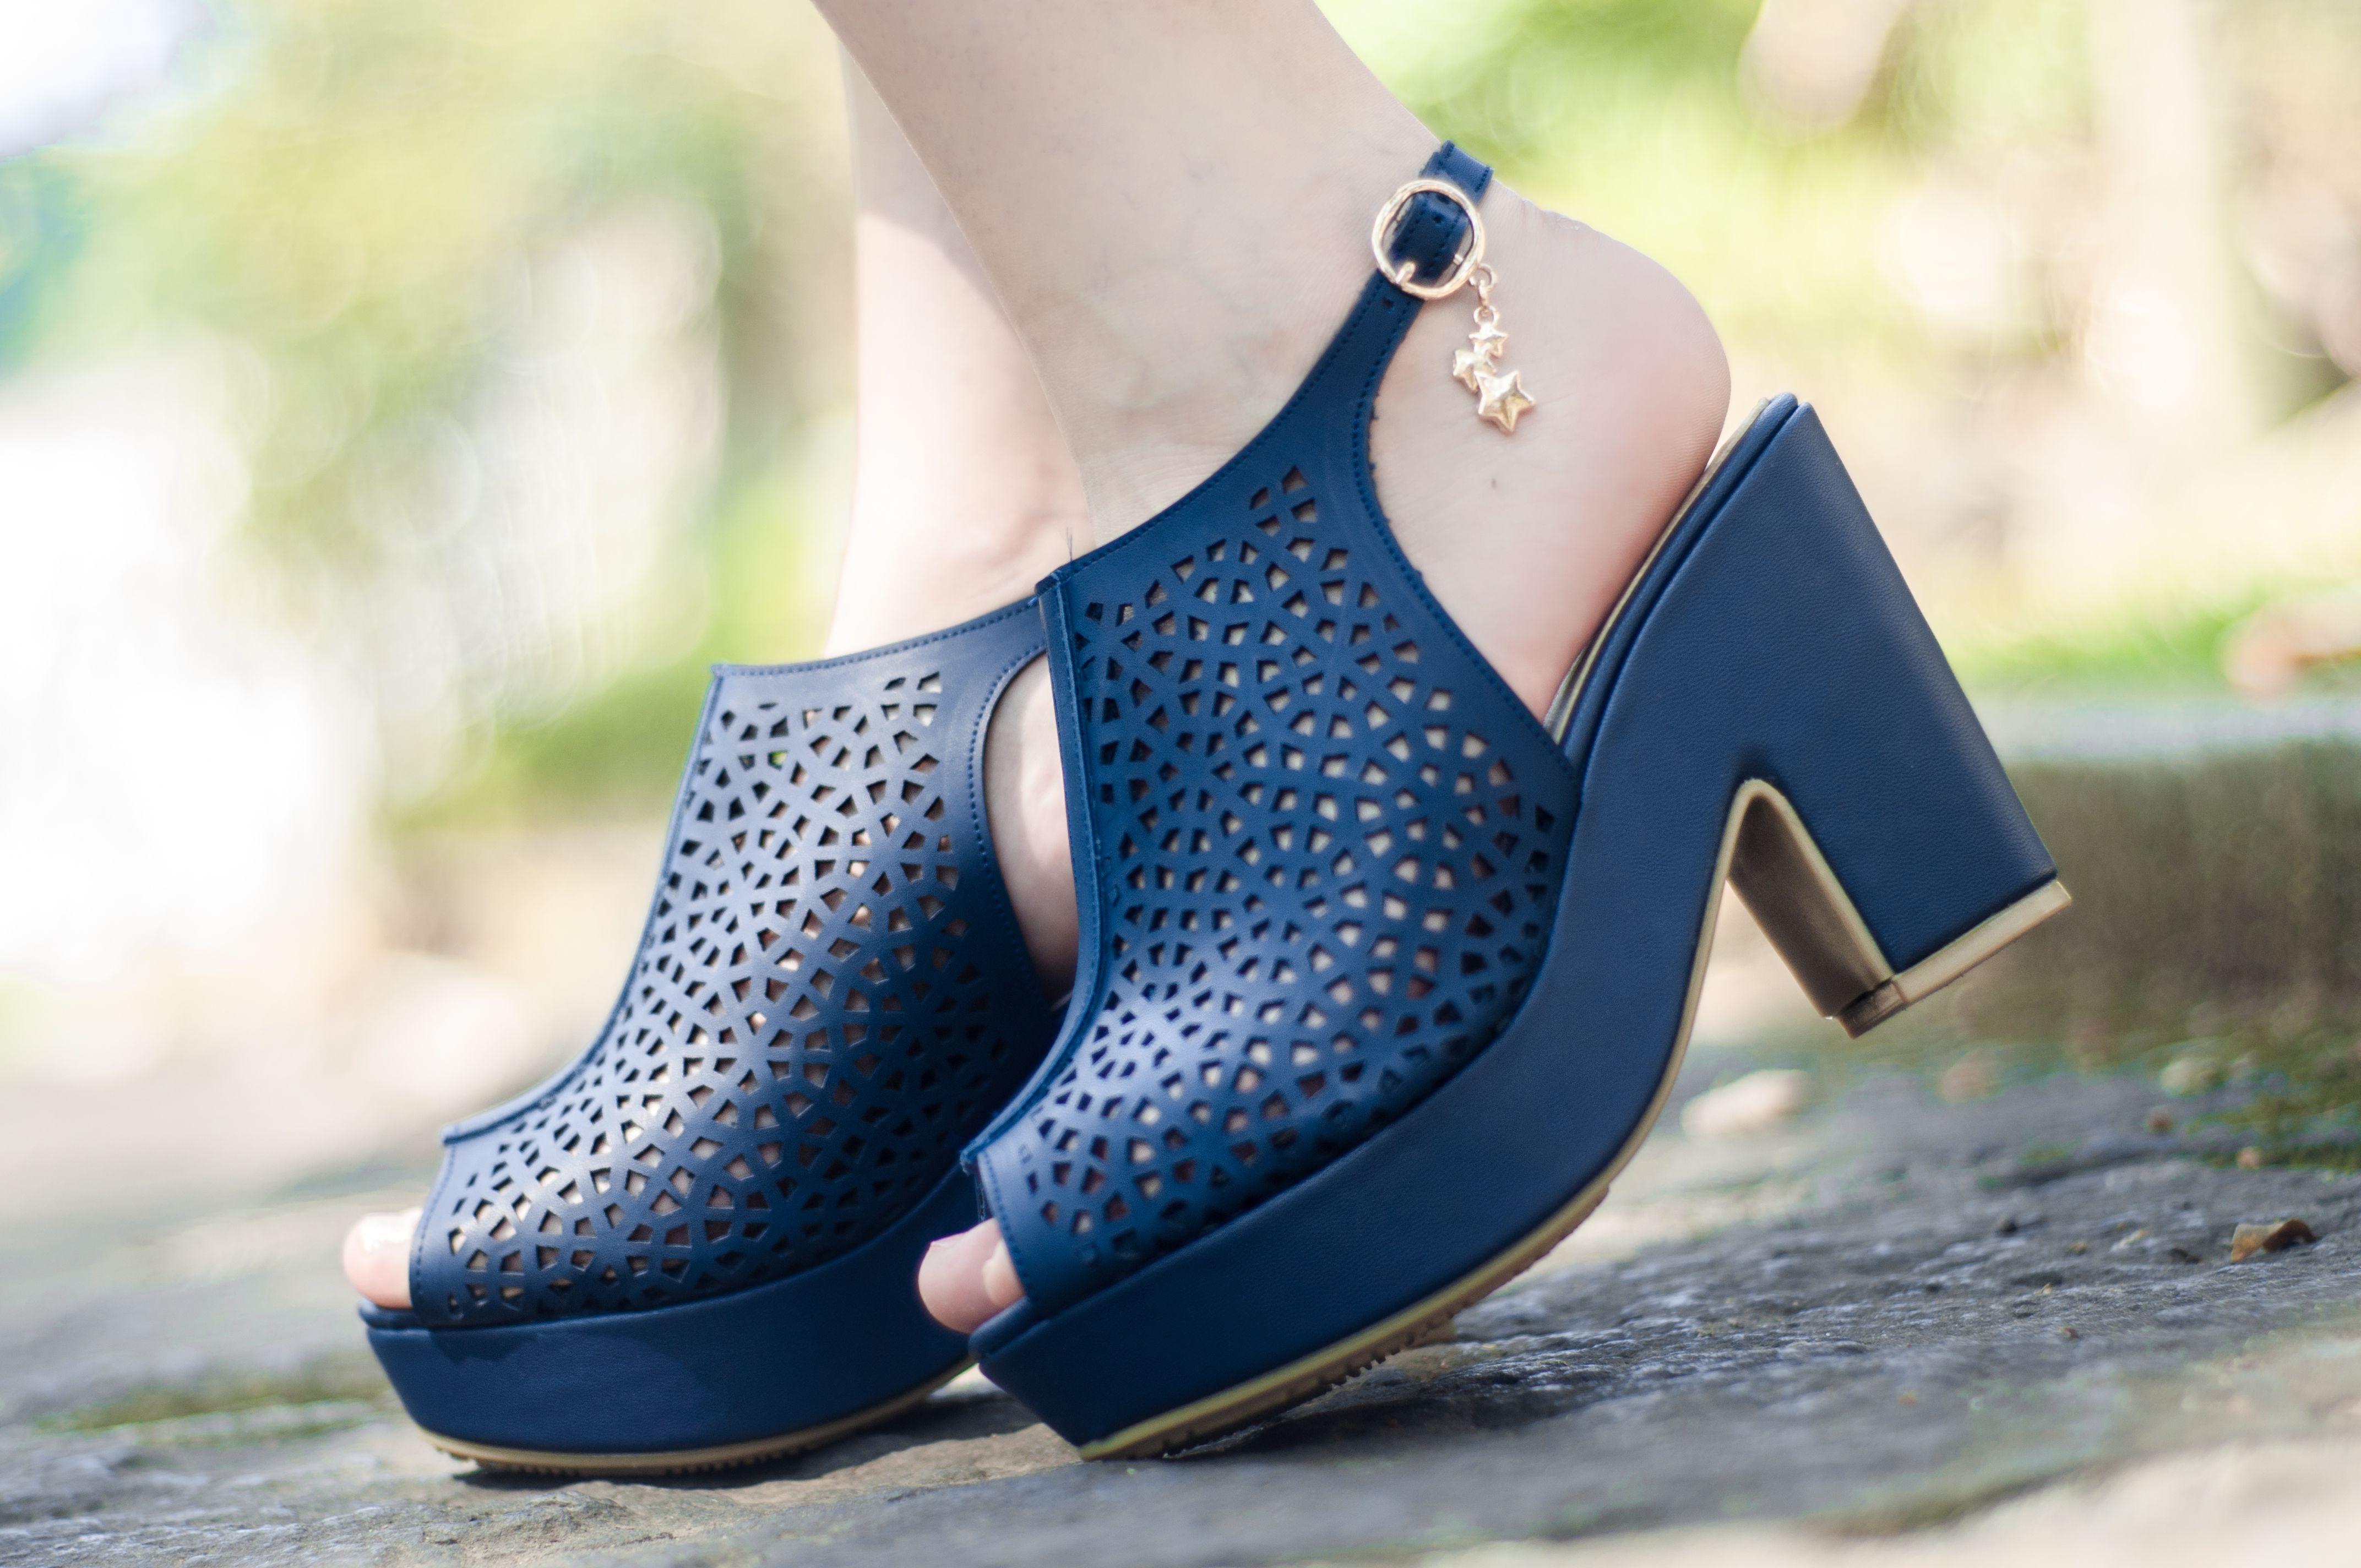 43a73614cc9 Tacones azul marino   zapatillas para primavera   zapatillas para verano    tacón ancho   sandalias